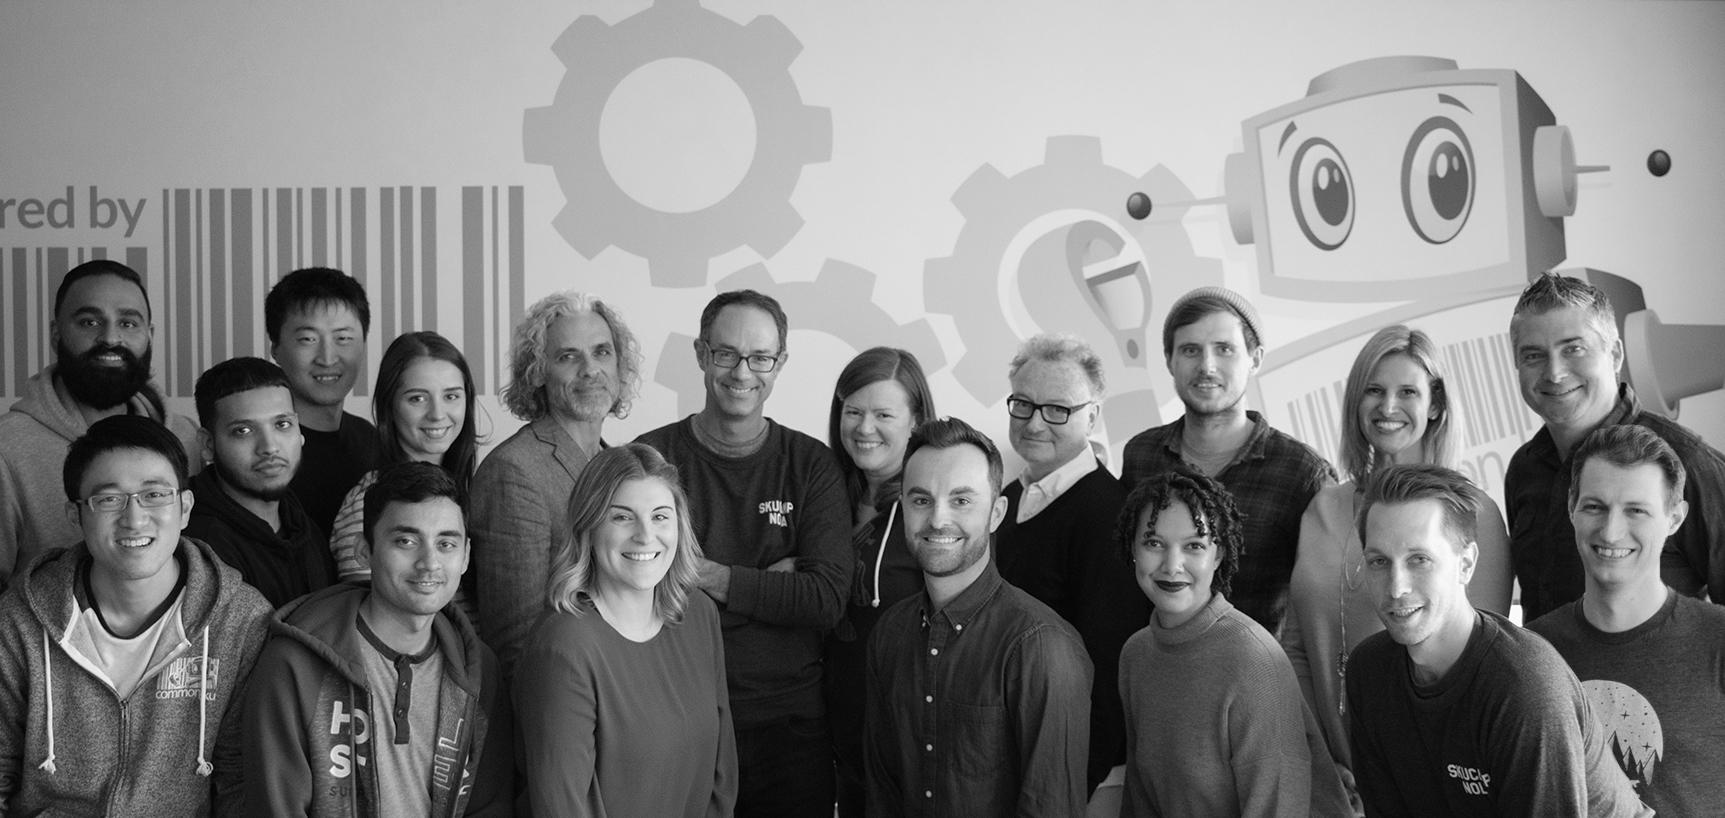 team-2018-bandw.jpg